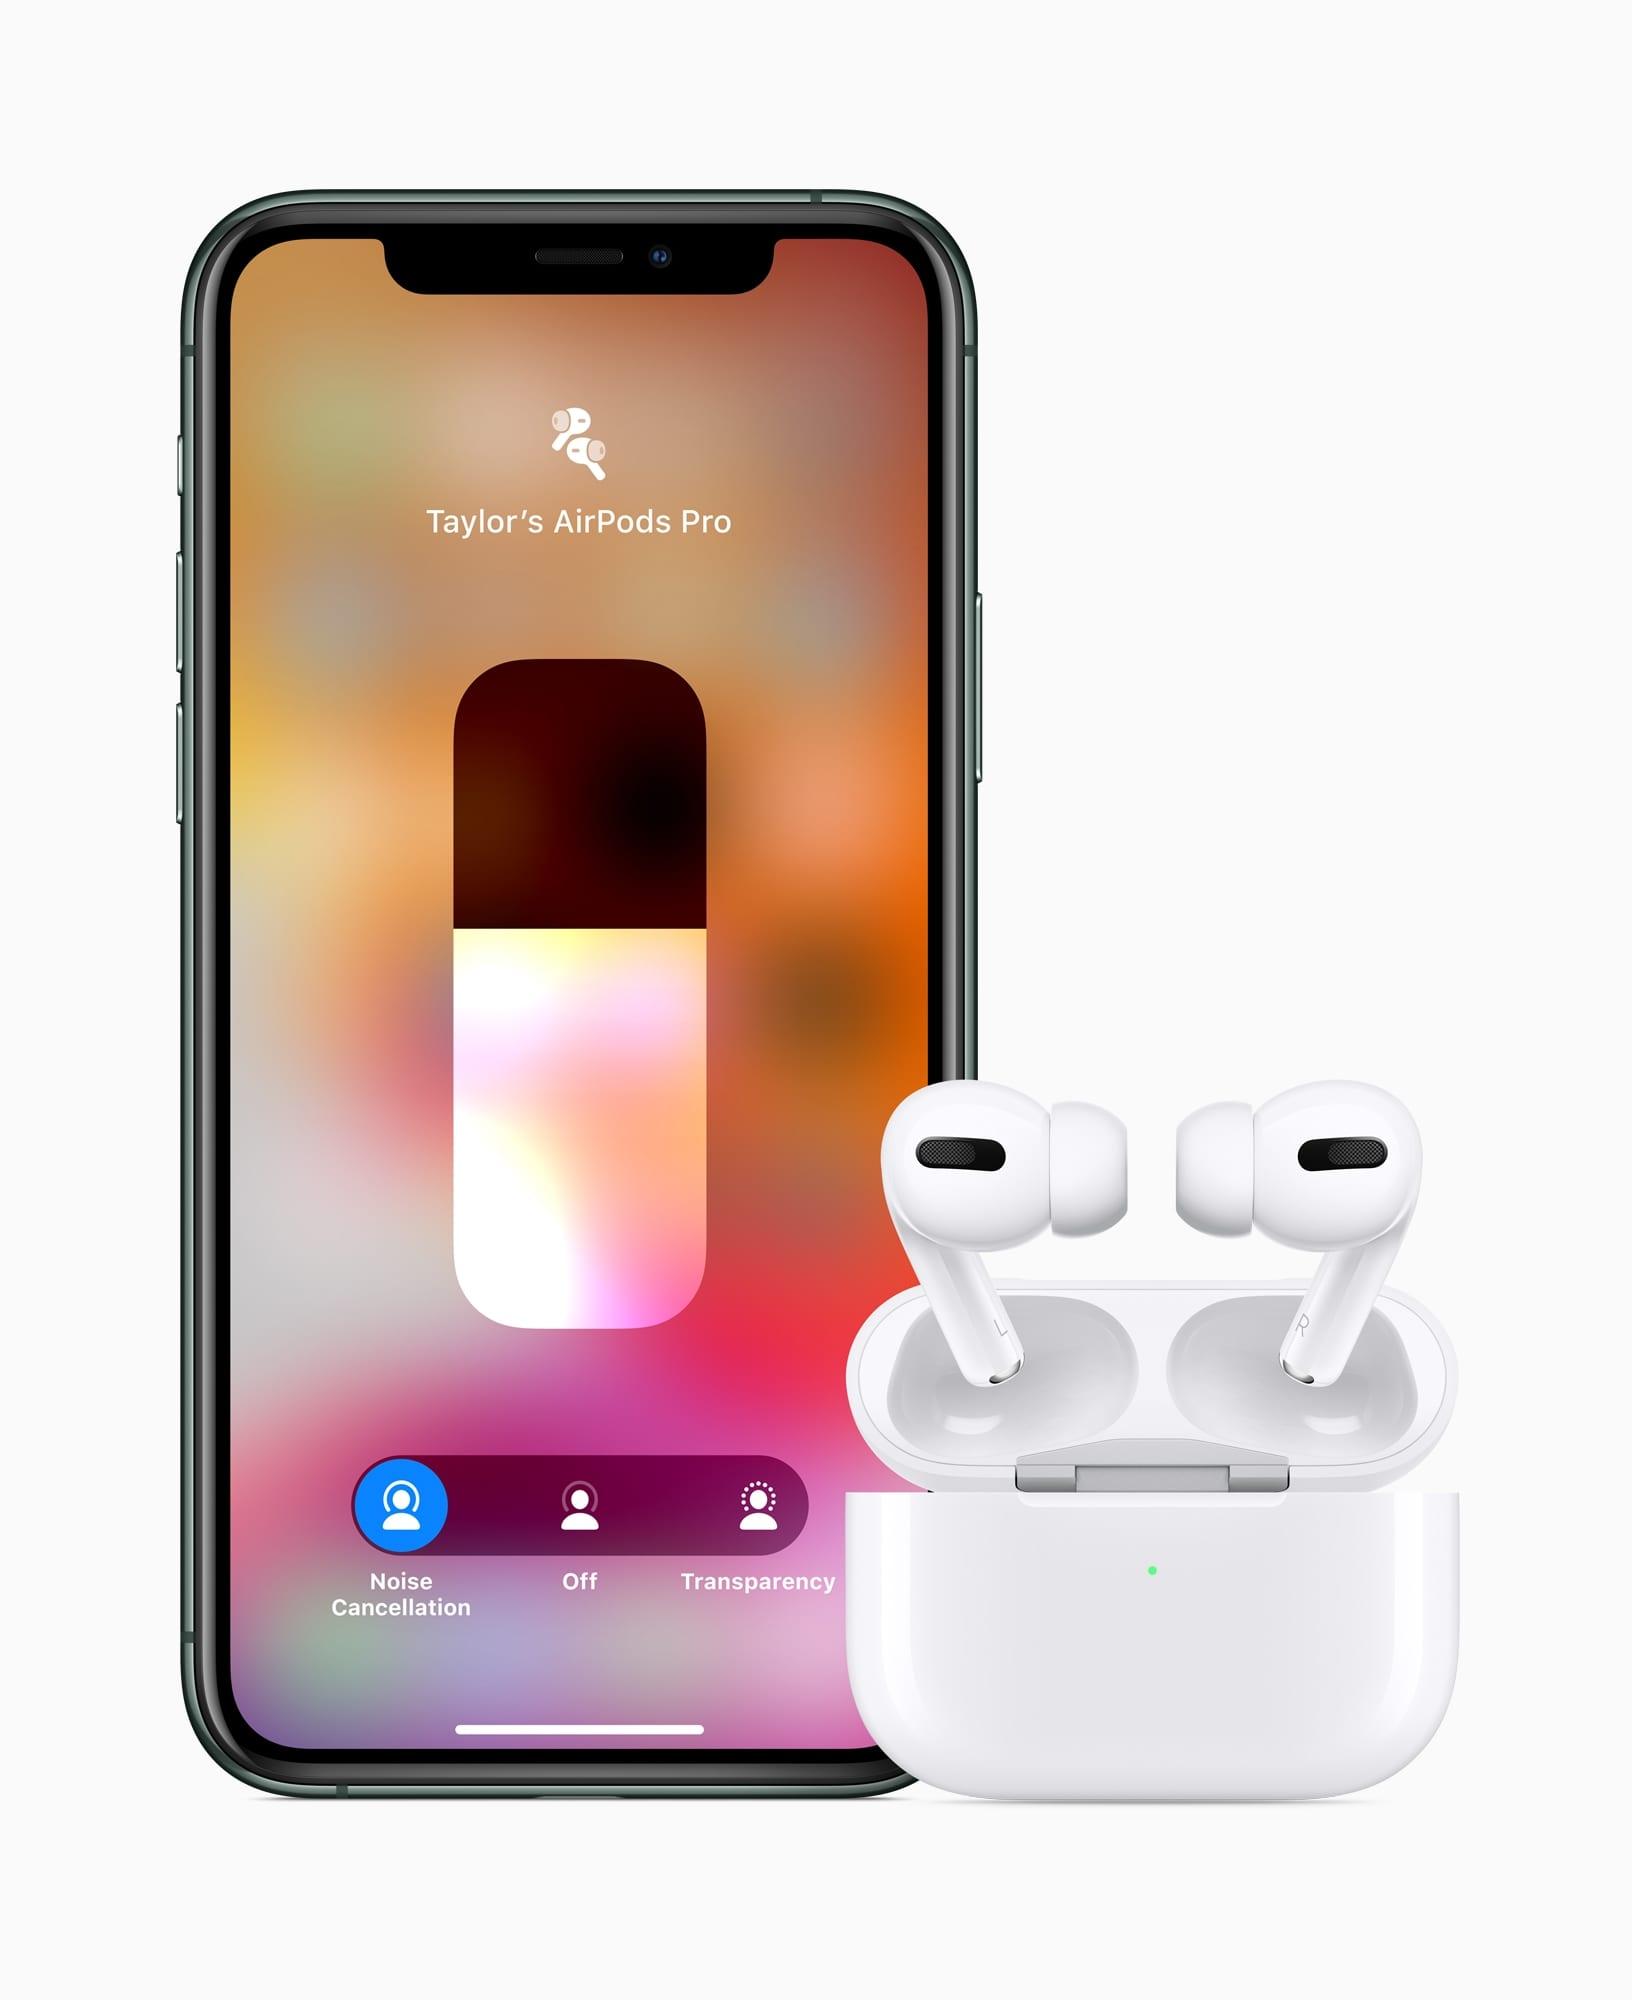 Apple AirPods Pro iPhone11 Pro 102819 - Apple predstavil AirPods Pro s potláčaním hluku a novou cenovkou